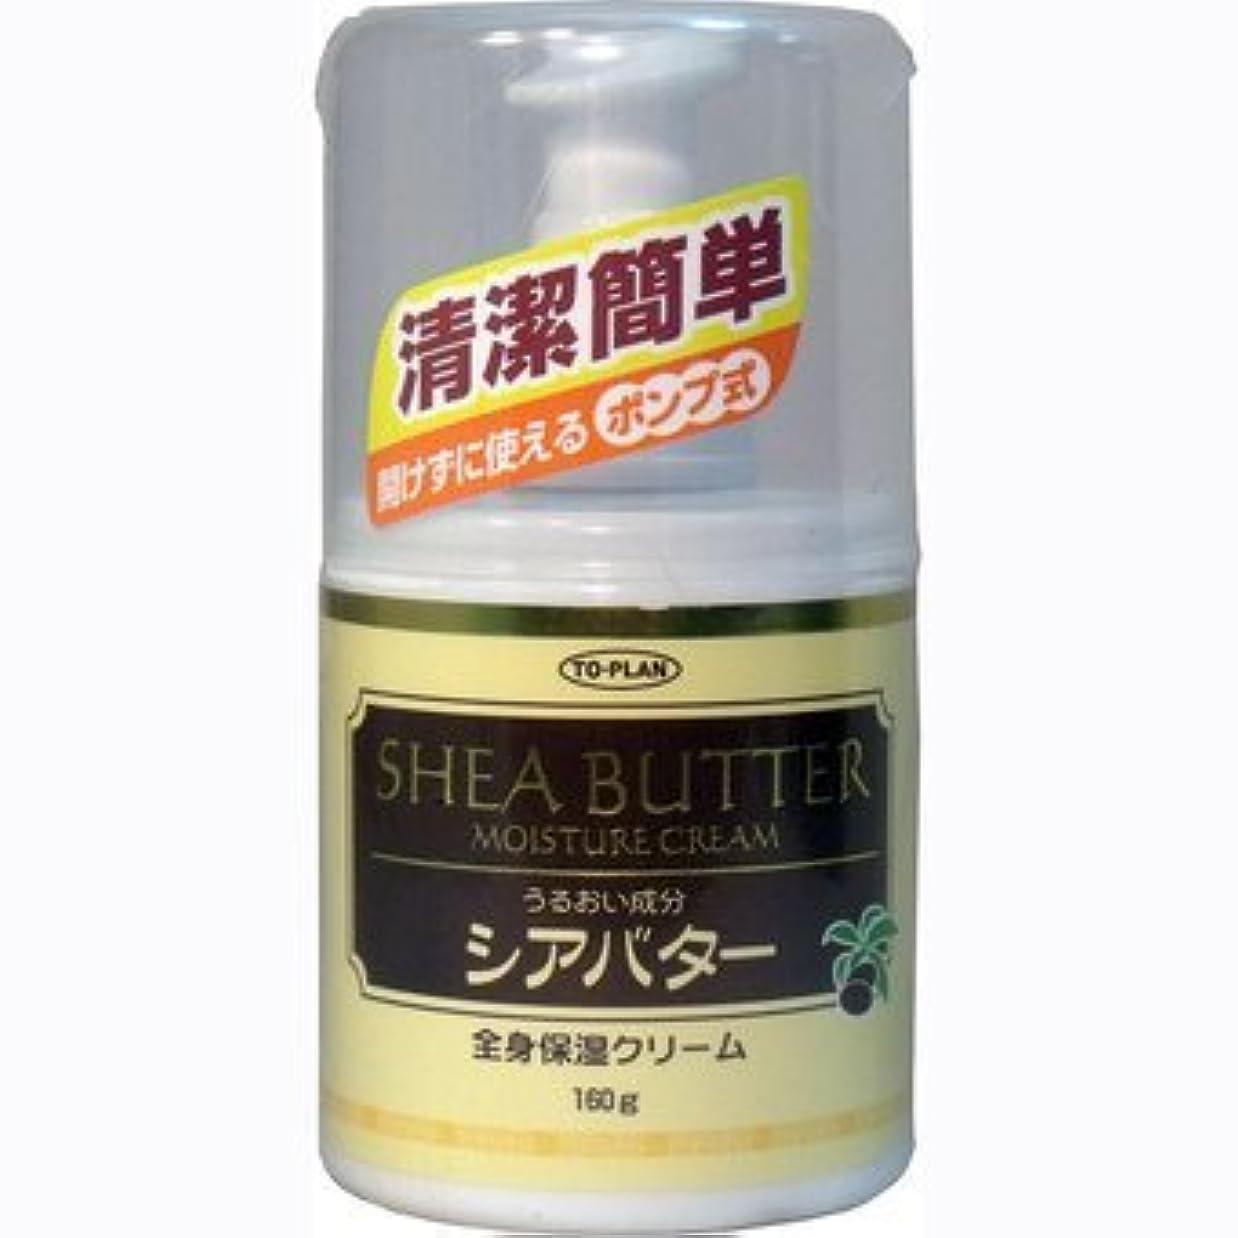 協力いらいらする楽なトプラン 全身保湿クリーム シアバター ポンプ式 160g (商品内訳:単品1本)